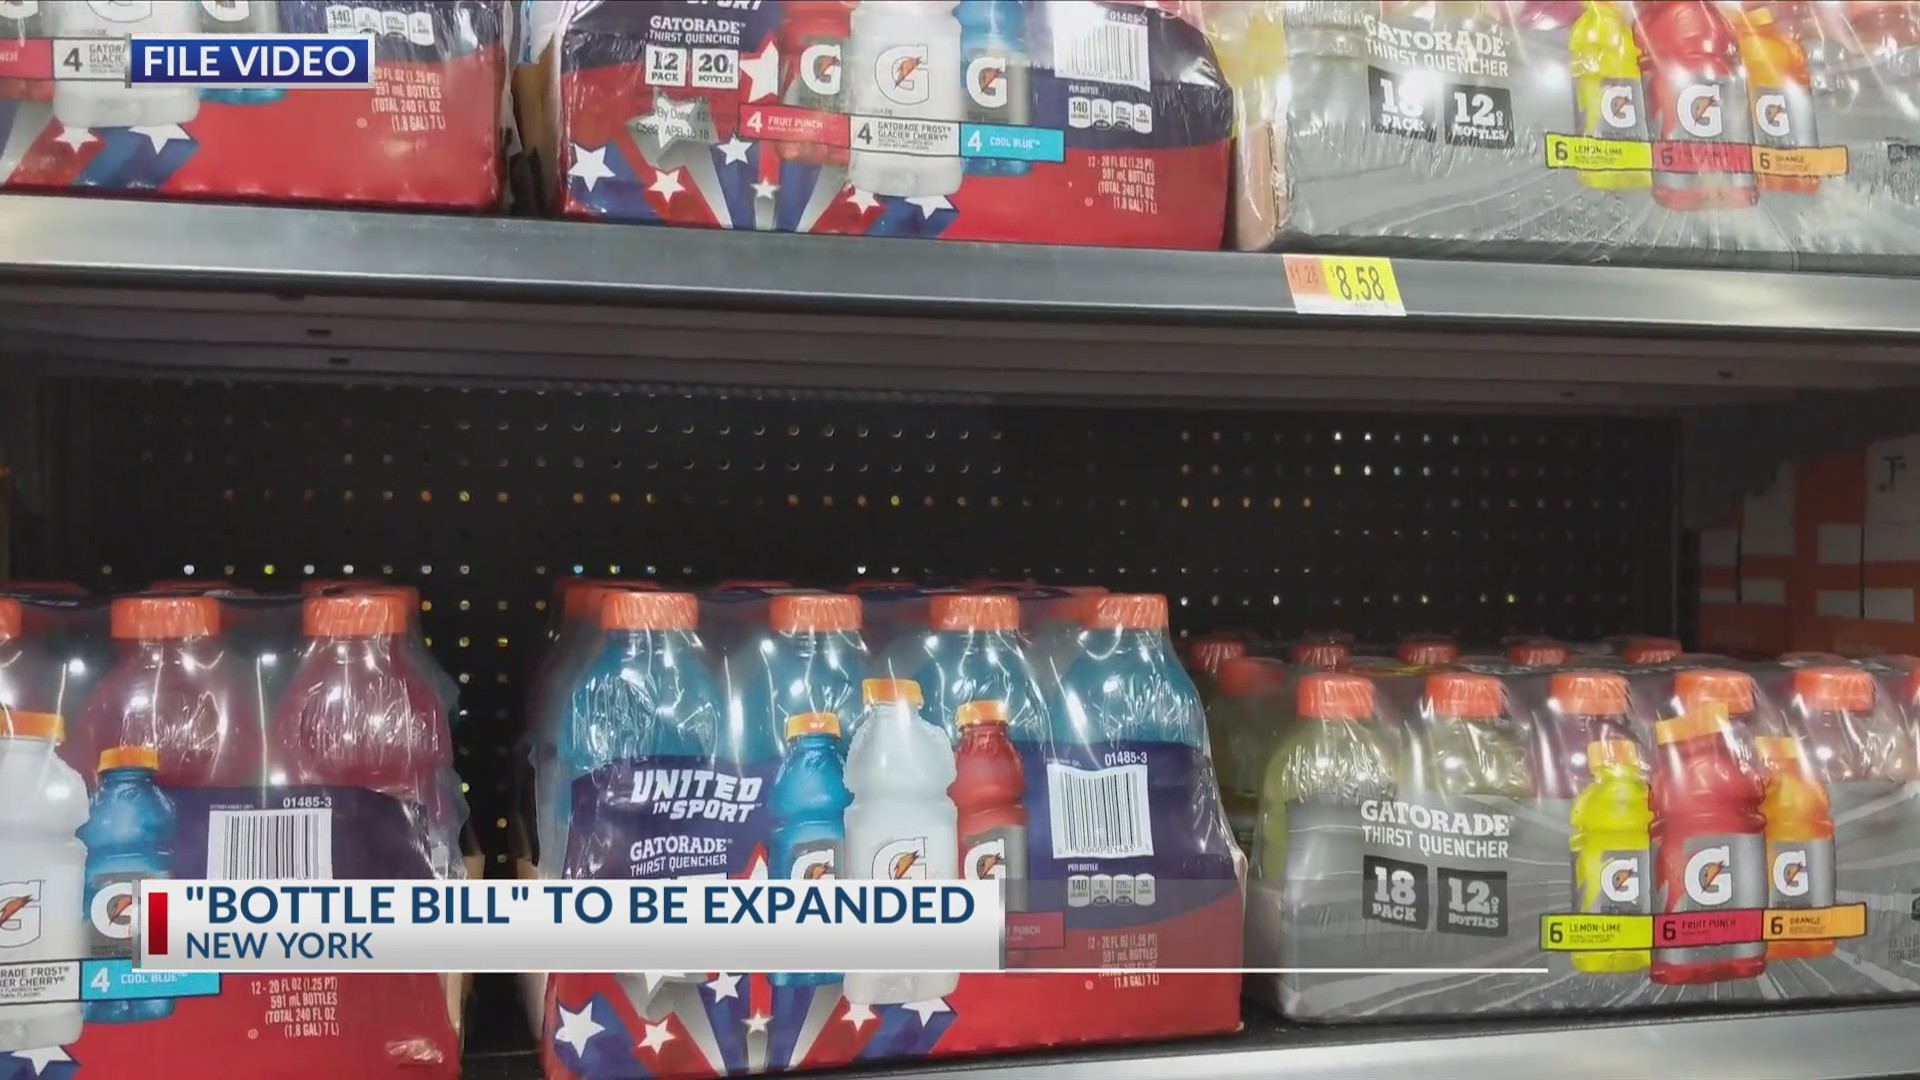 Bottle_bill_expansion_and_plastic_bag_ba_0_20190114045550